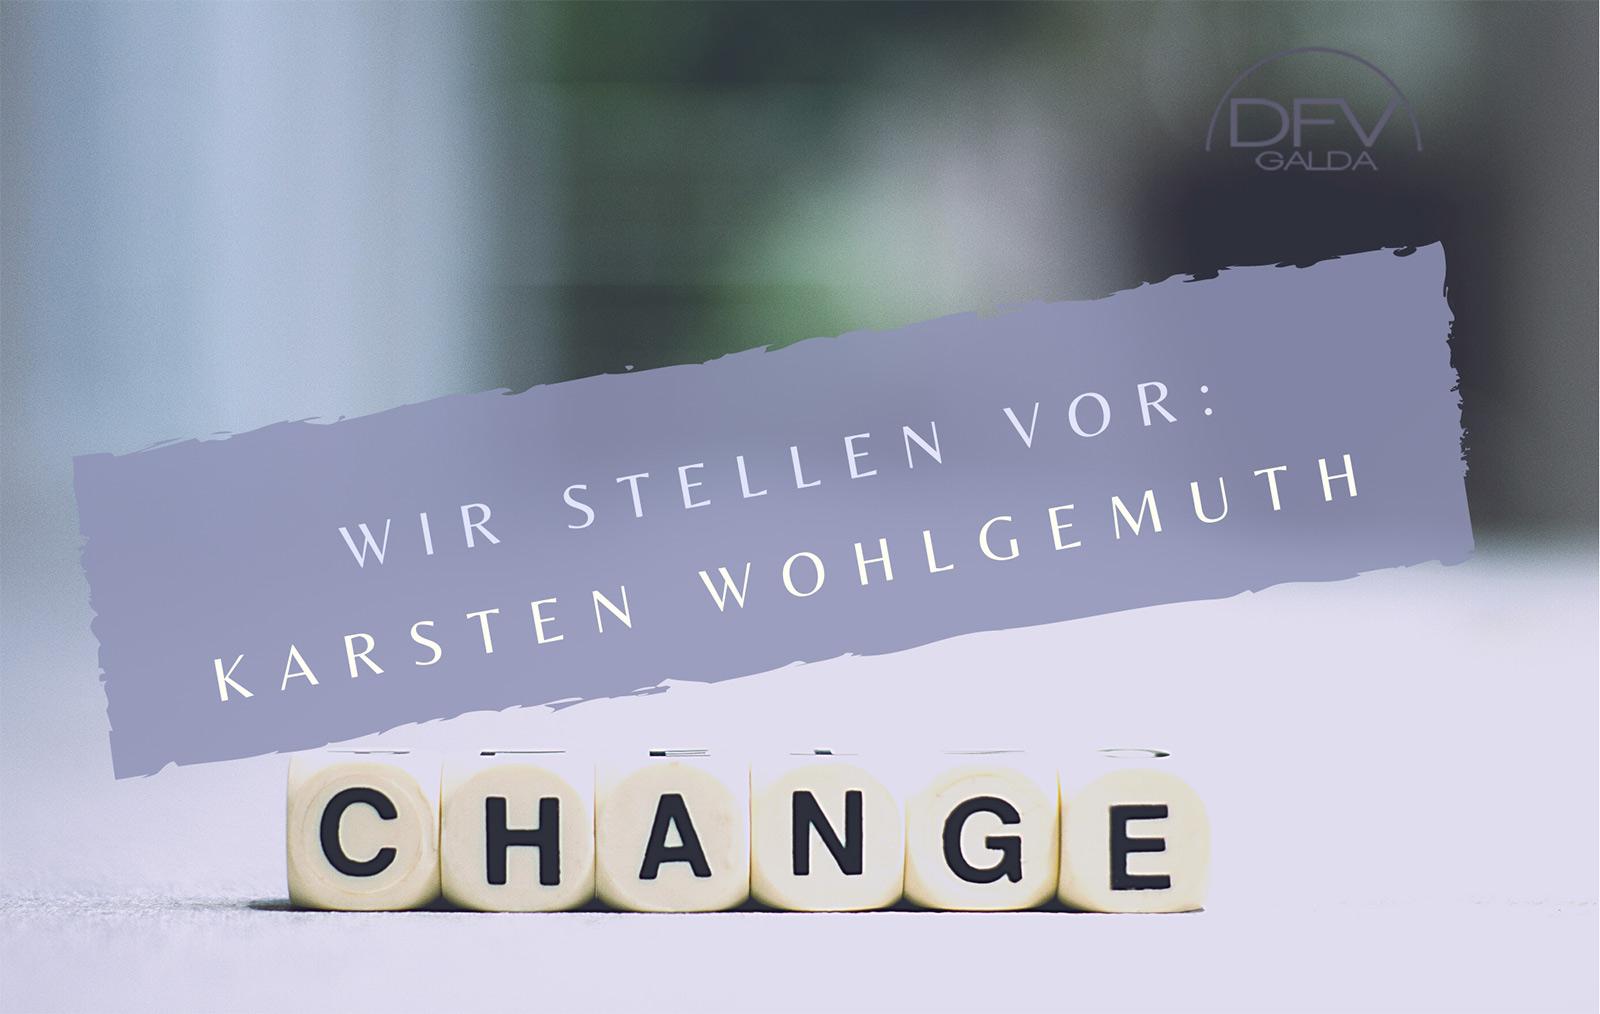 Vorstellung: Karsten Wohlgemuth